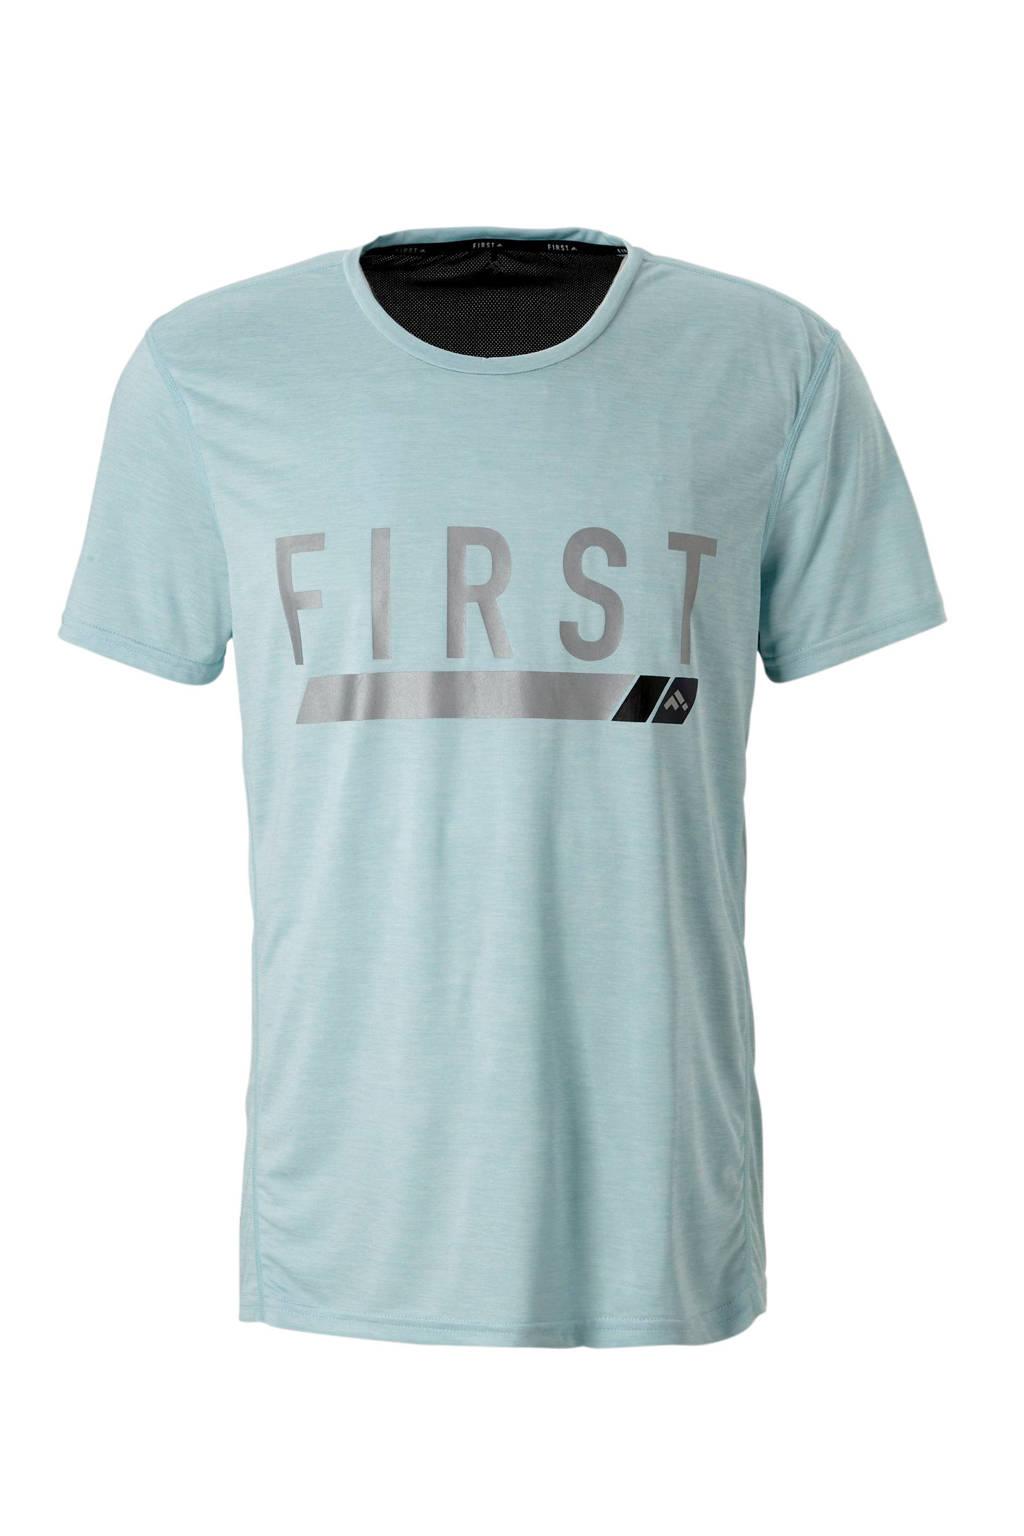 FIRST   sport T-shirt lichtblauw, Lichtblauw